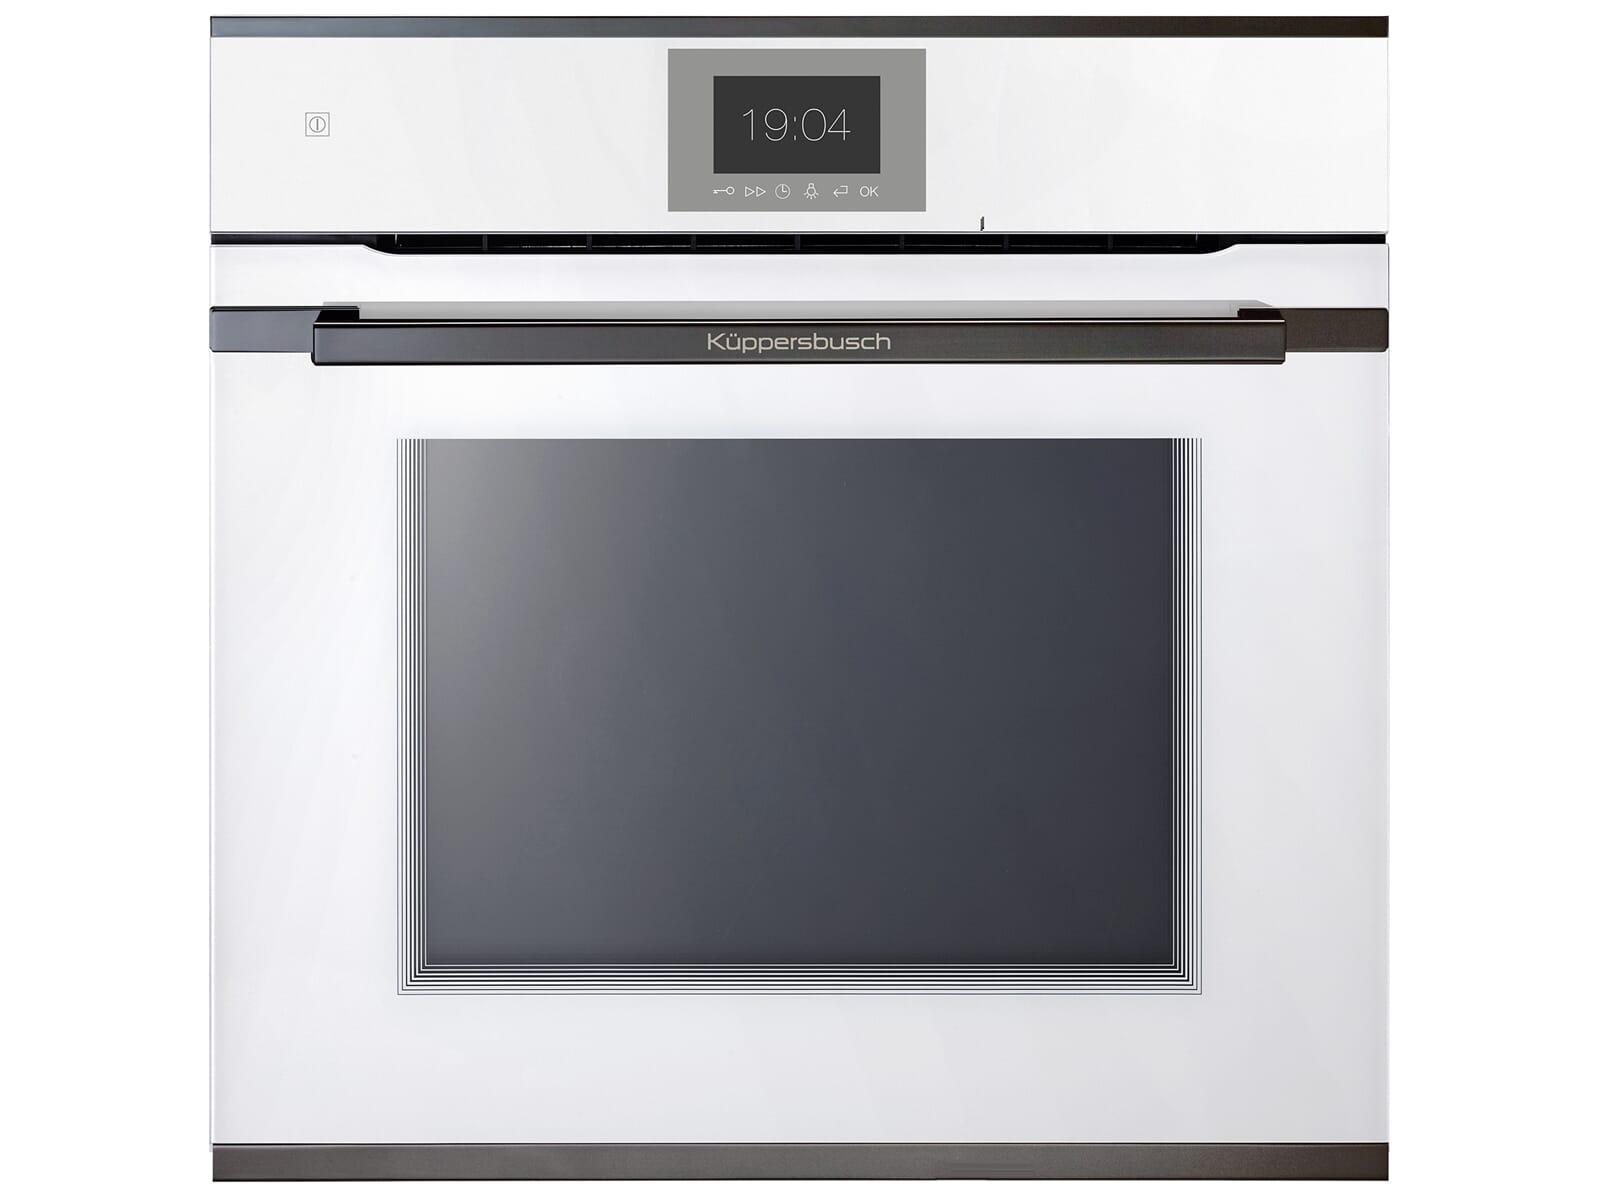 Küppersbusch BP 6550.0 W2 Premium+ Pyrolyse Backofen Weiß/Black Chrome